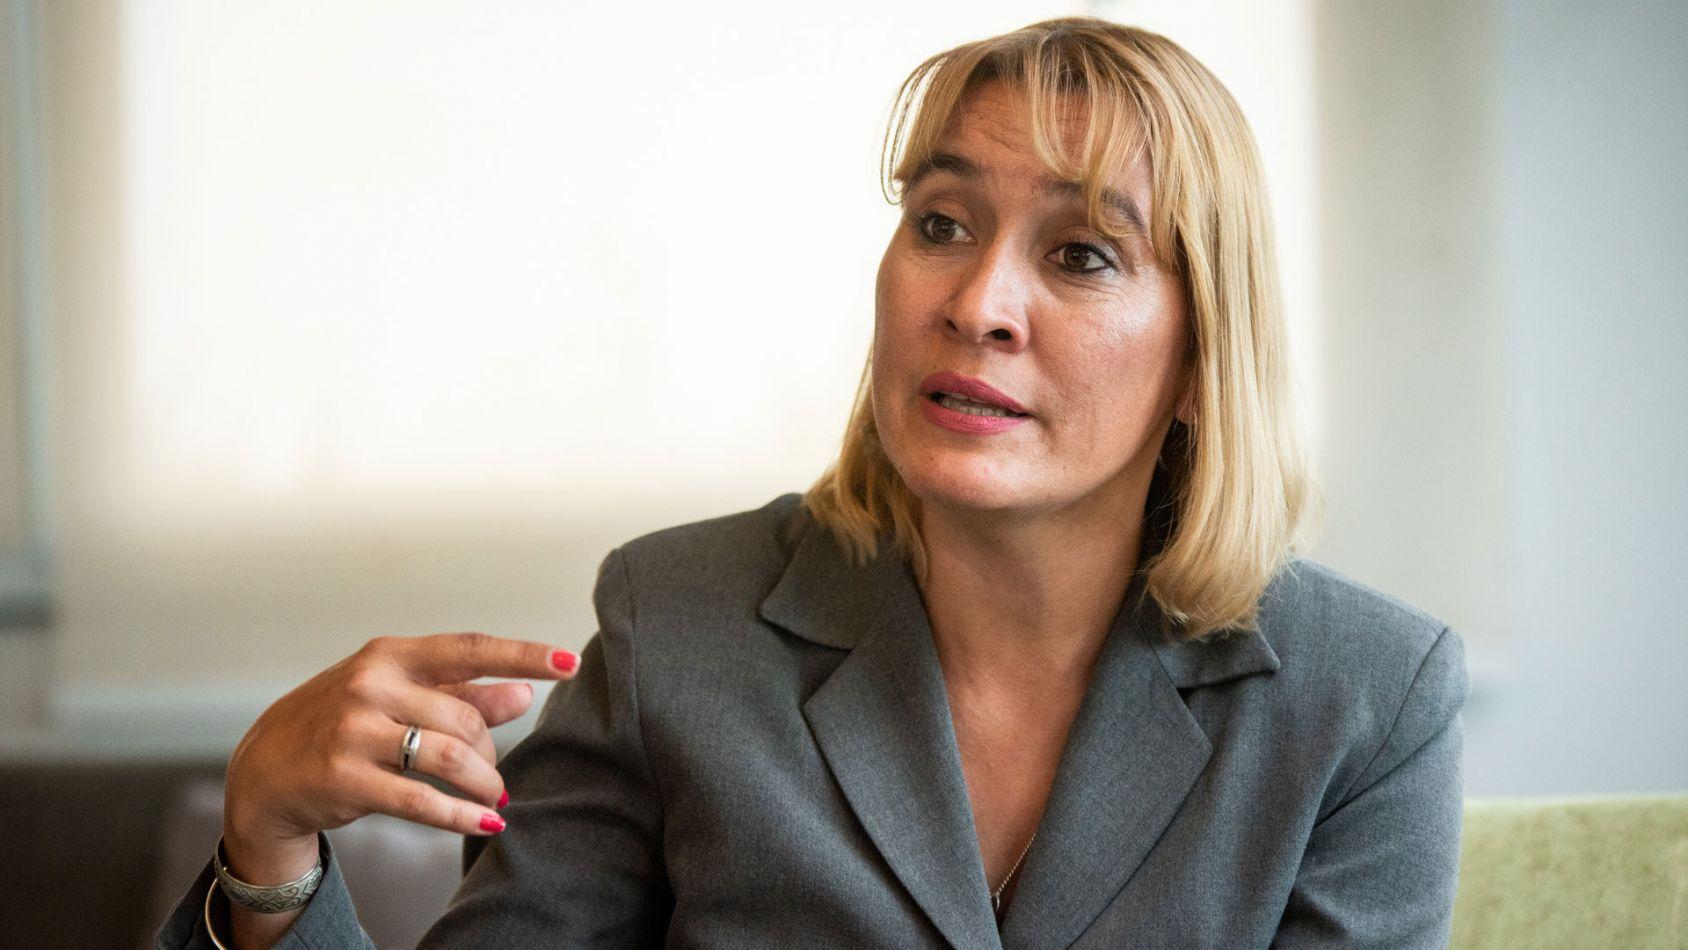 La diputada nacional Lorena Matzen brindará charlas en la provincia de su proyecto de Imprescriptibilidad de las diferentes formas de abuso infantiil.